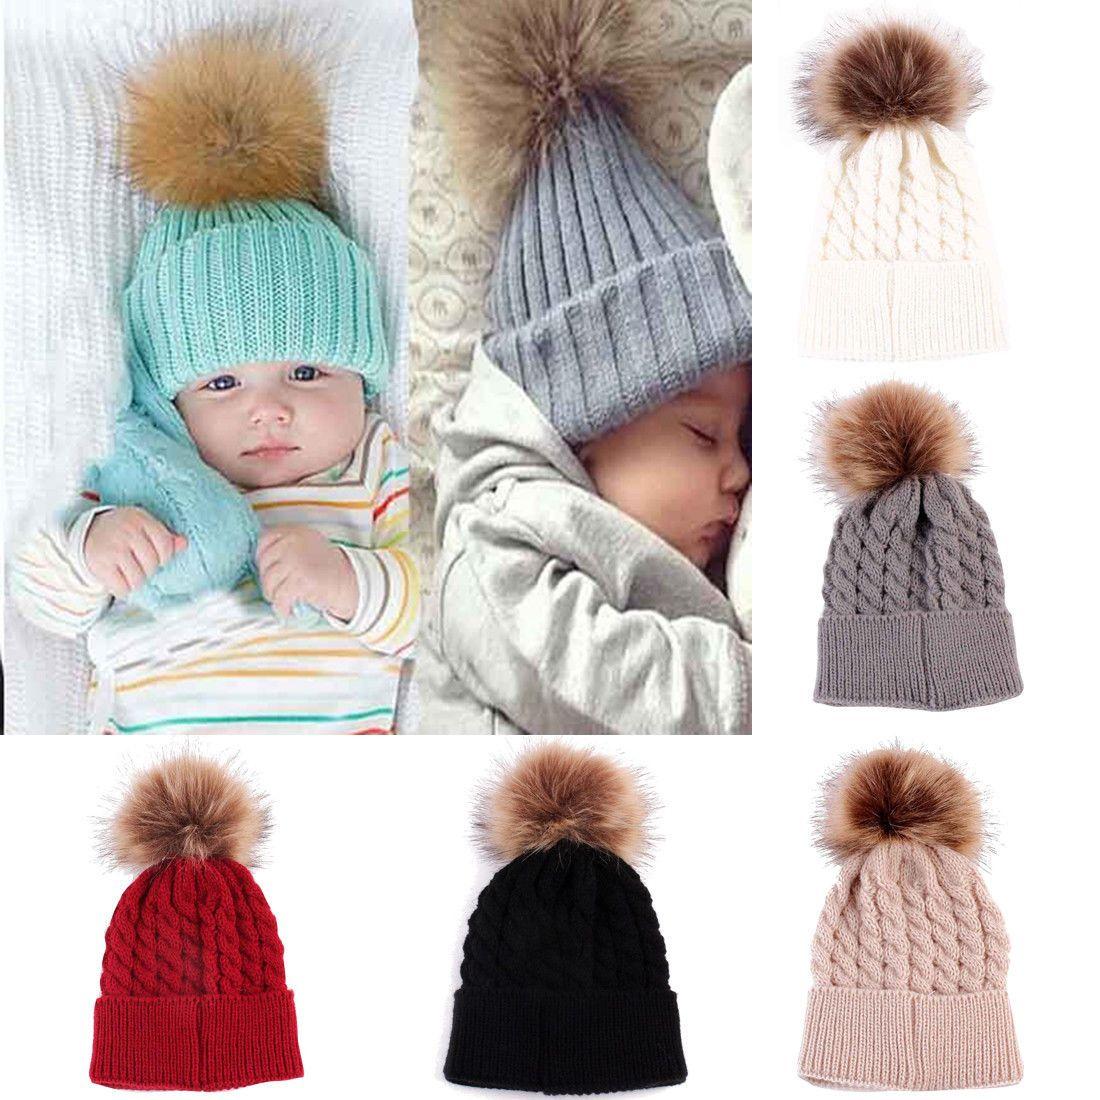 b8bd35e2f0fa3  2.04 - Newborn Toddler Kid Girl Boy Baby Infant Winter Warm Crochet Knit  Hat Beanie Cap  ebay  Fashion